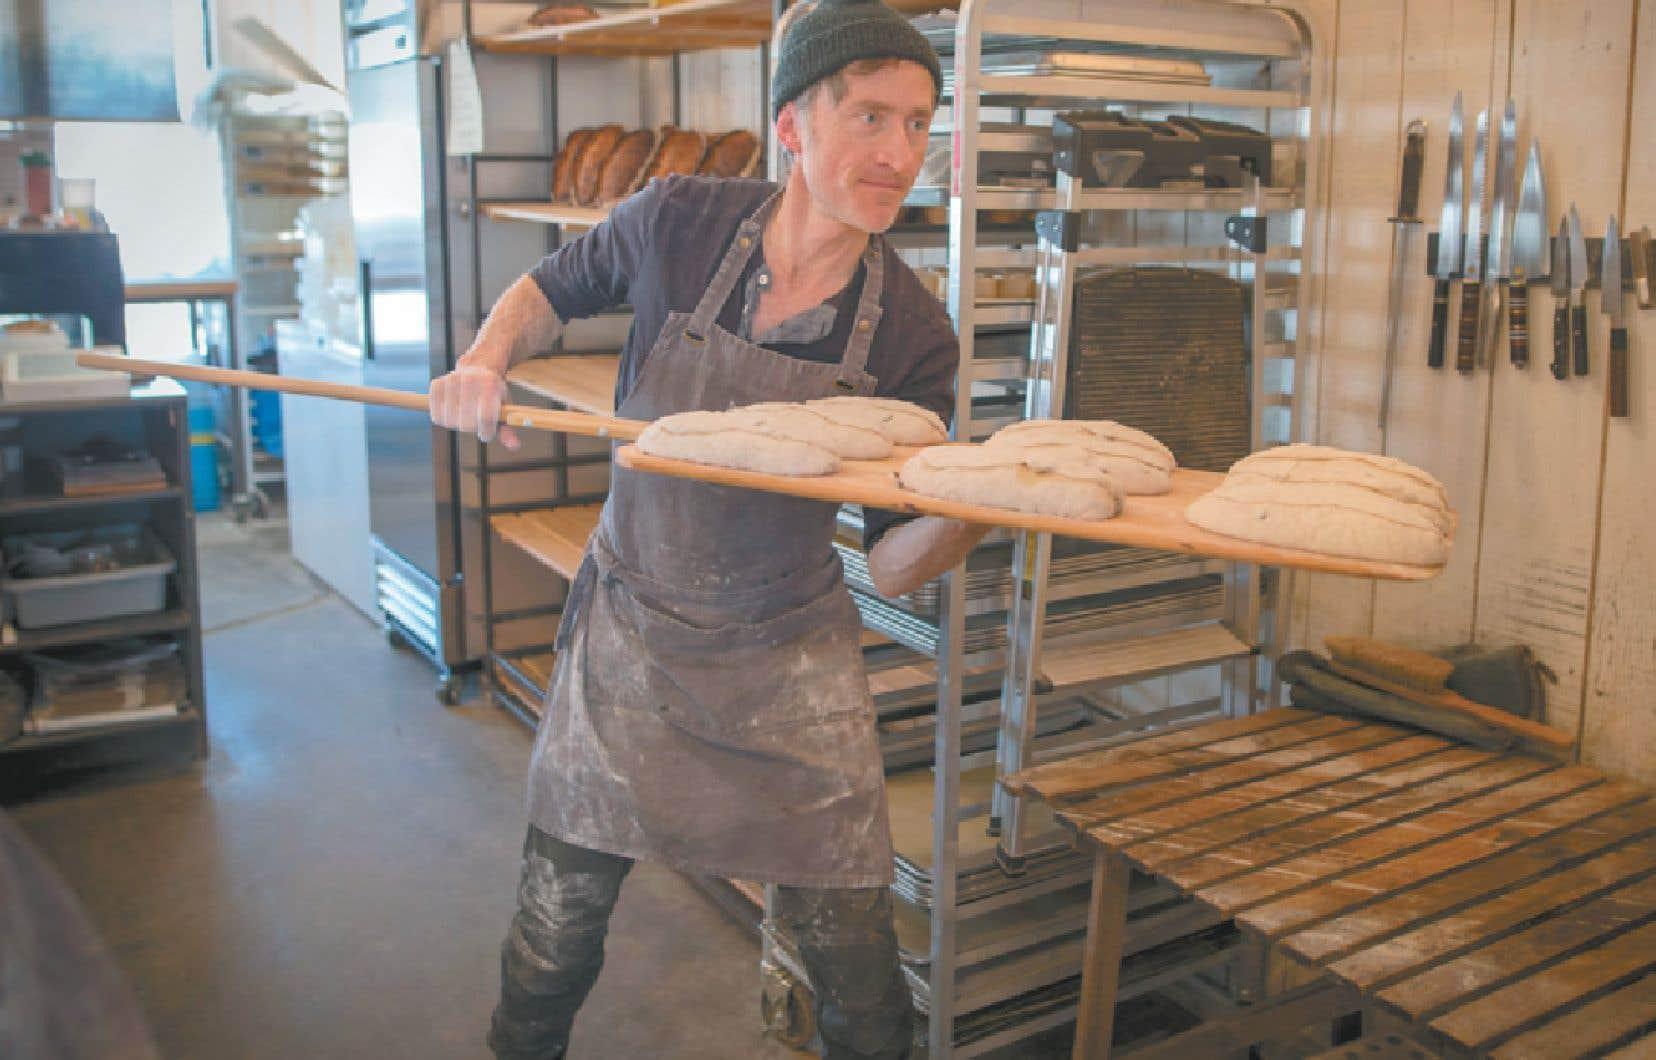 Emmanuel Bilodeau enfournant le pain à la boulangerie Merci la vie: «Dans ce métier, tu donnes ton âme à tes clients.»